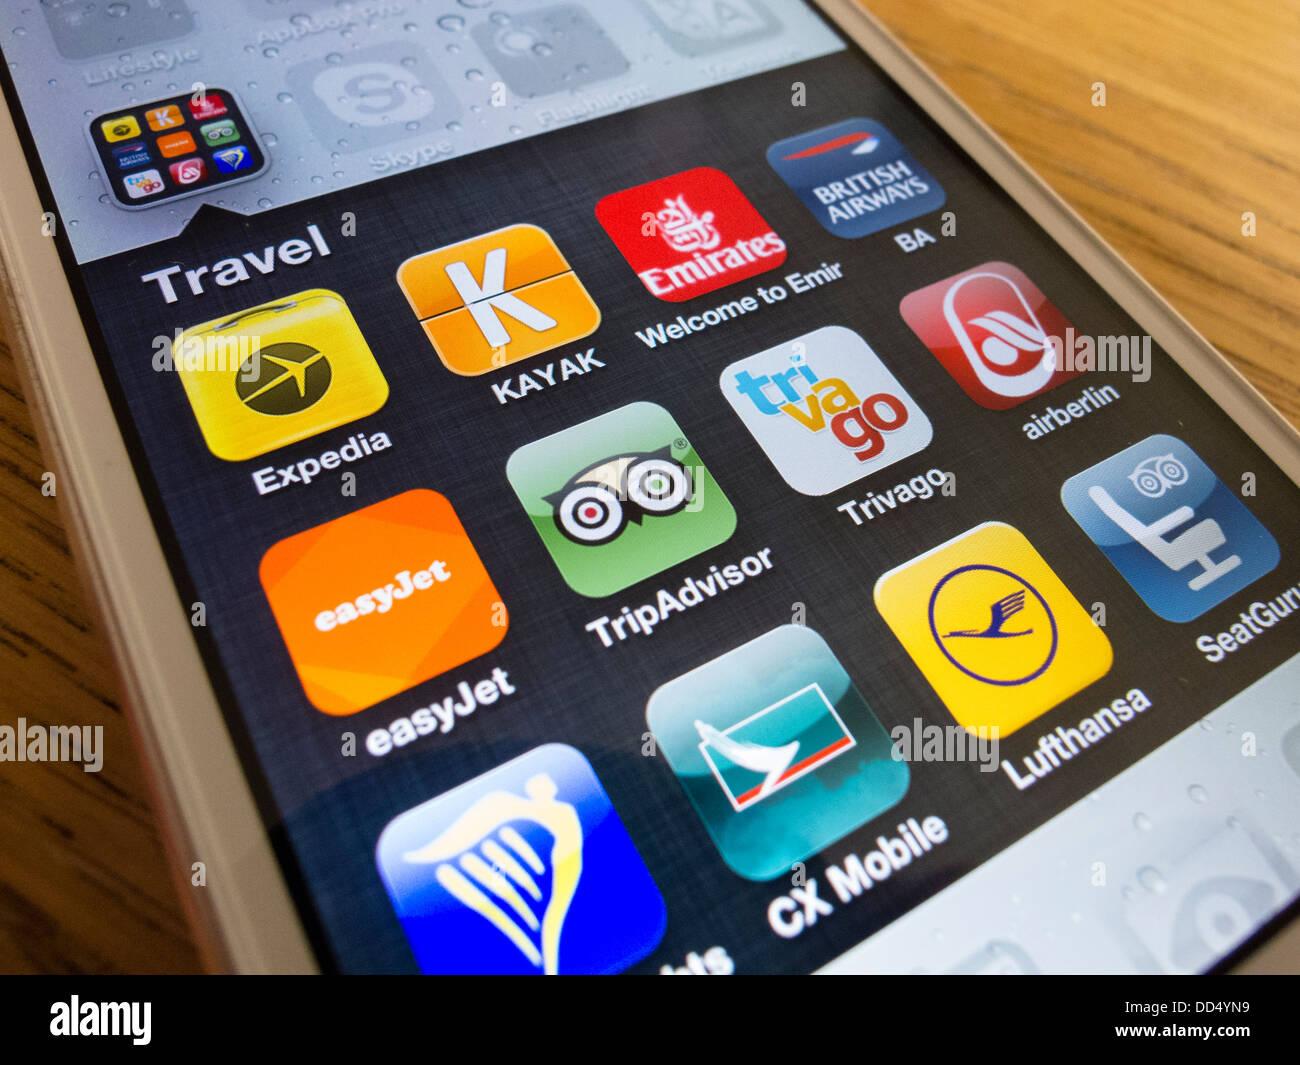 Dettaglio di molte applicazioni di viaggio su un iPhone 5 smart phone Immagini Stock